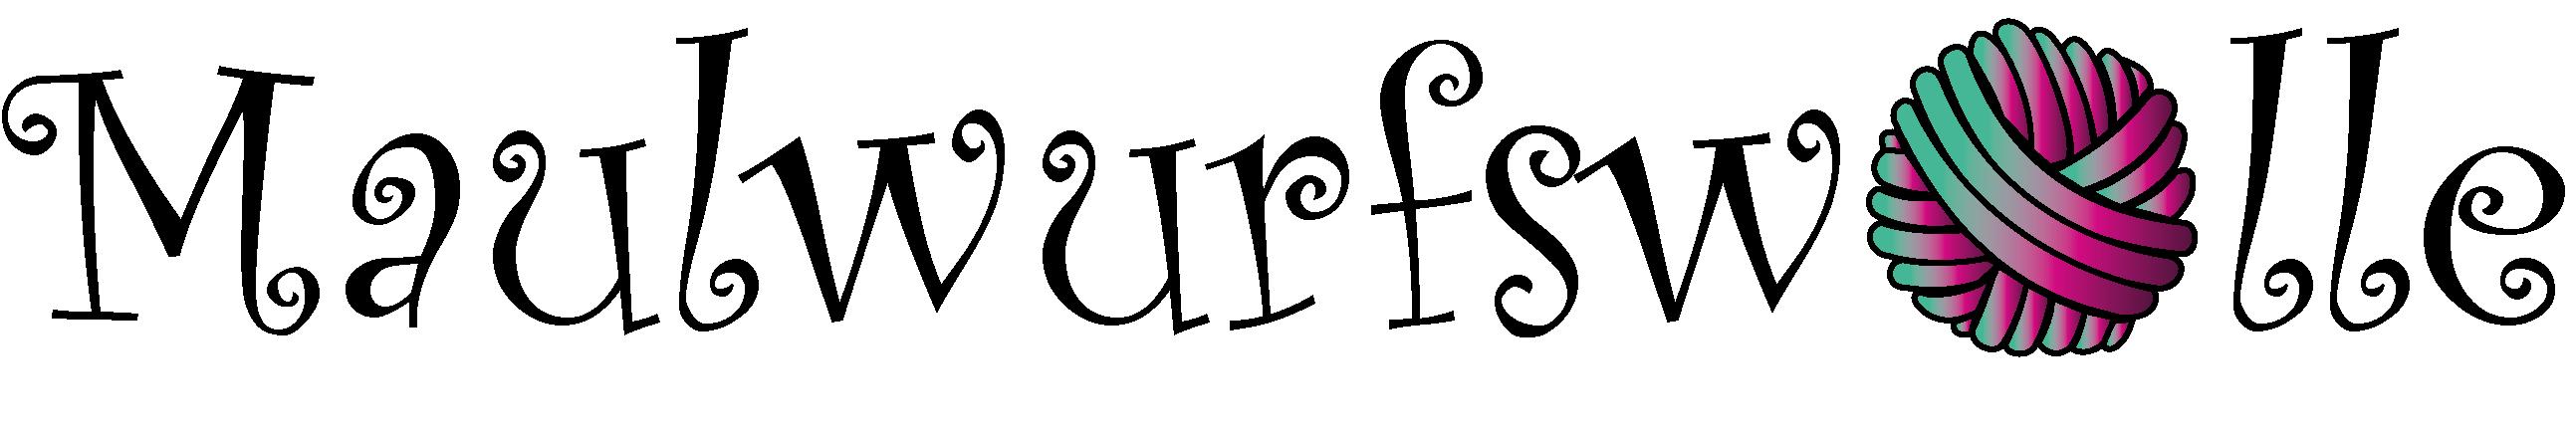 Maulwurfswolle